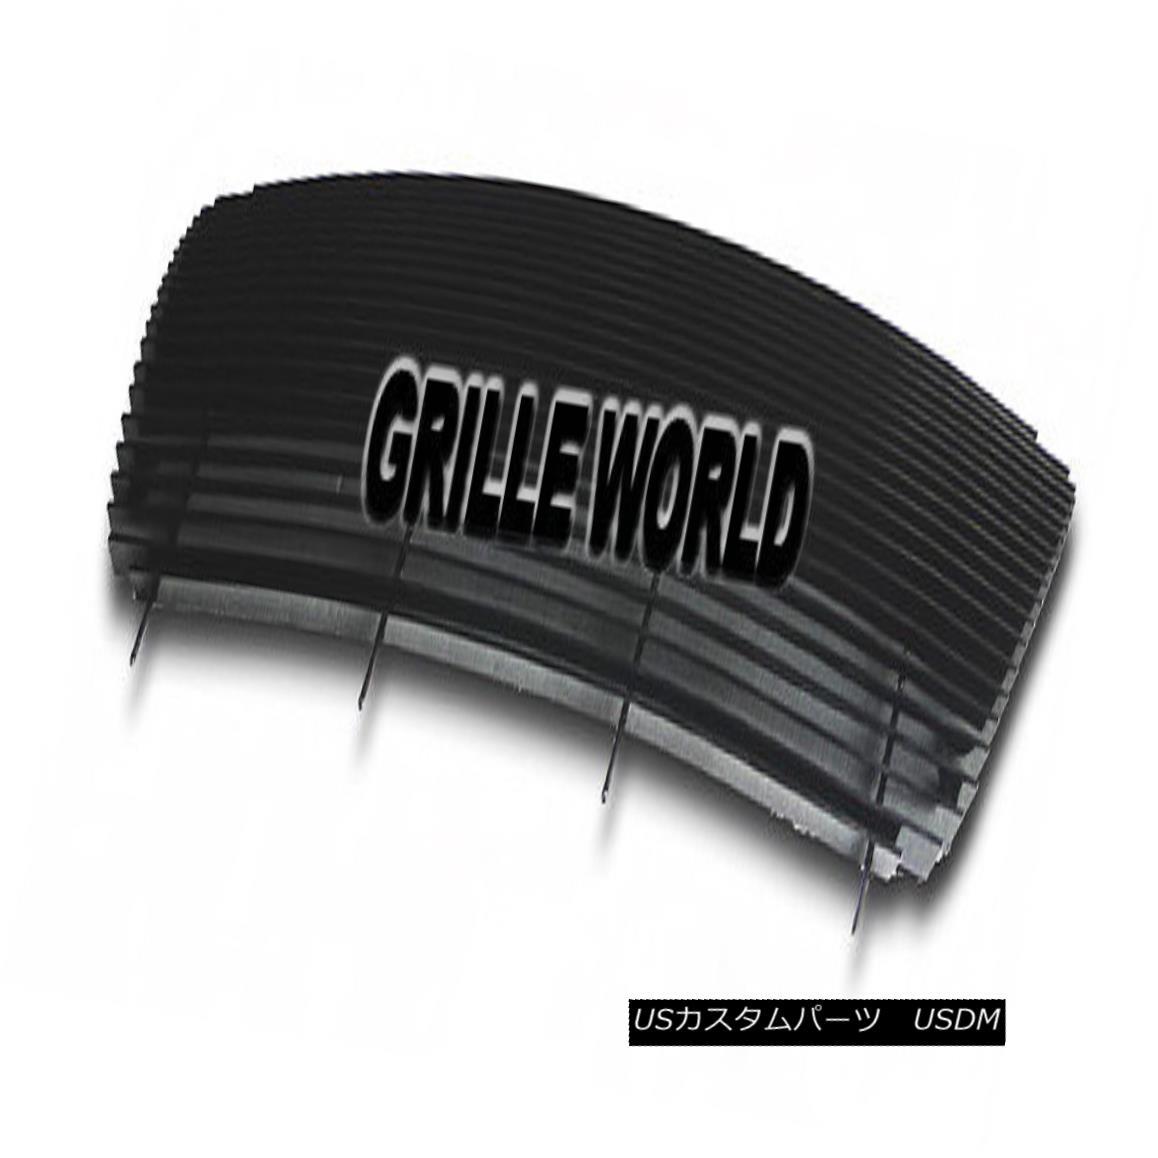 グリル For 04-08 Ford F150 All Model Full Face Black Billet Premium Grille Insert 04-08 For Ford F150オールモデルフルフェイスブラックビレットプレミアムグリルインサート